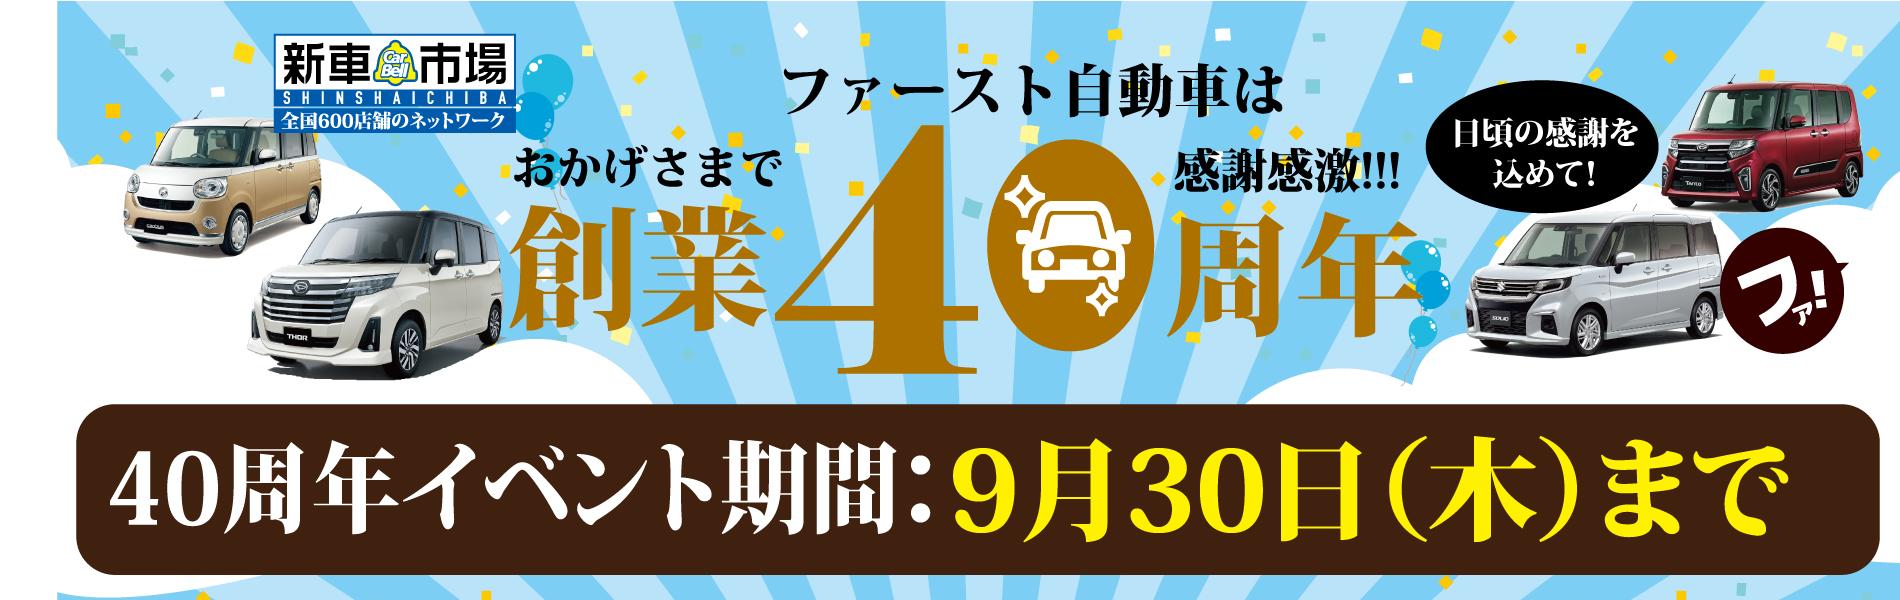 おかげさまで創業40周年!